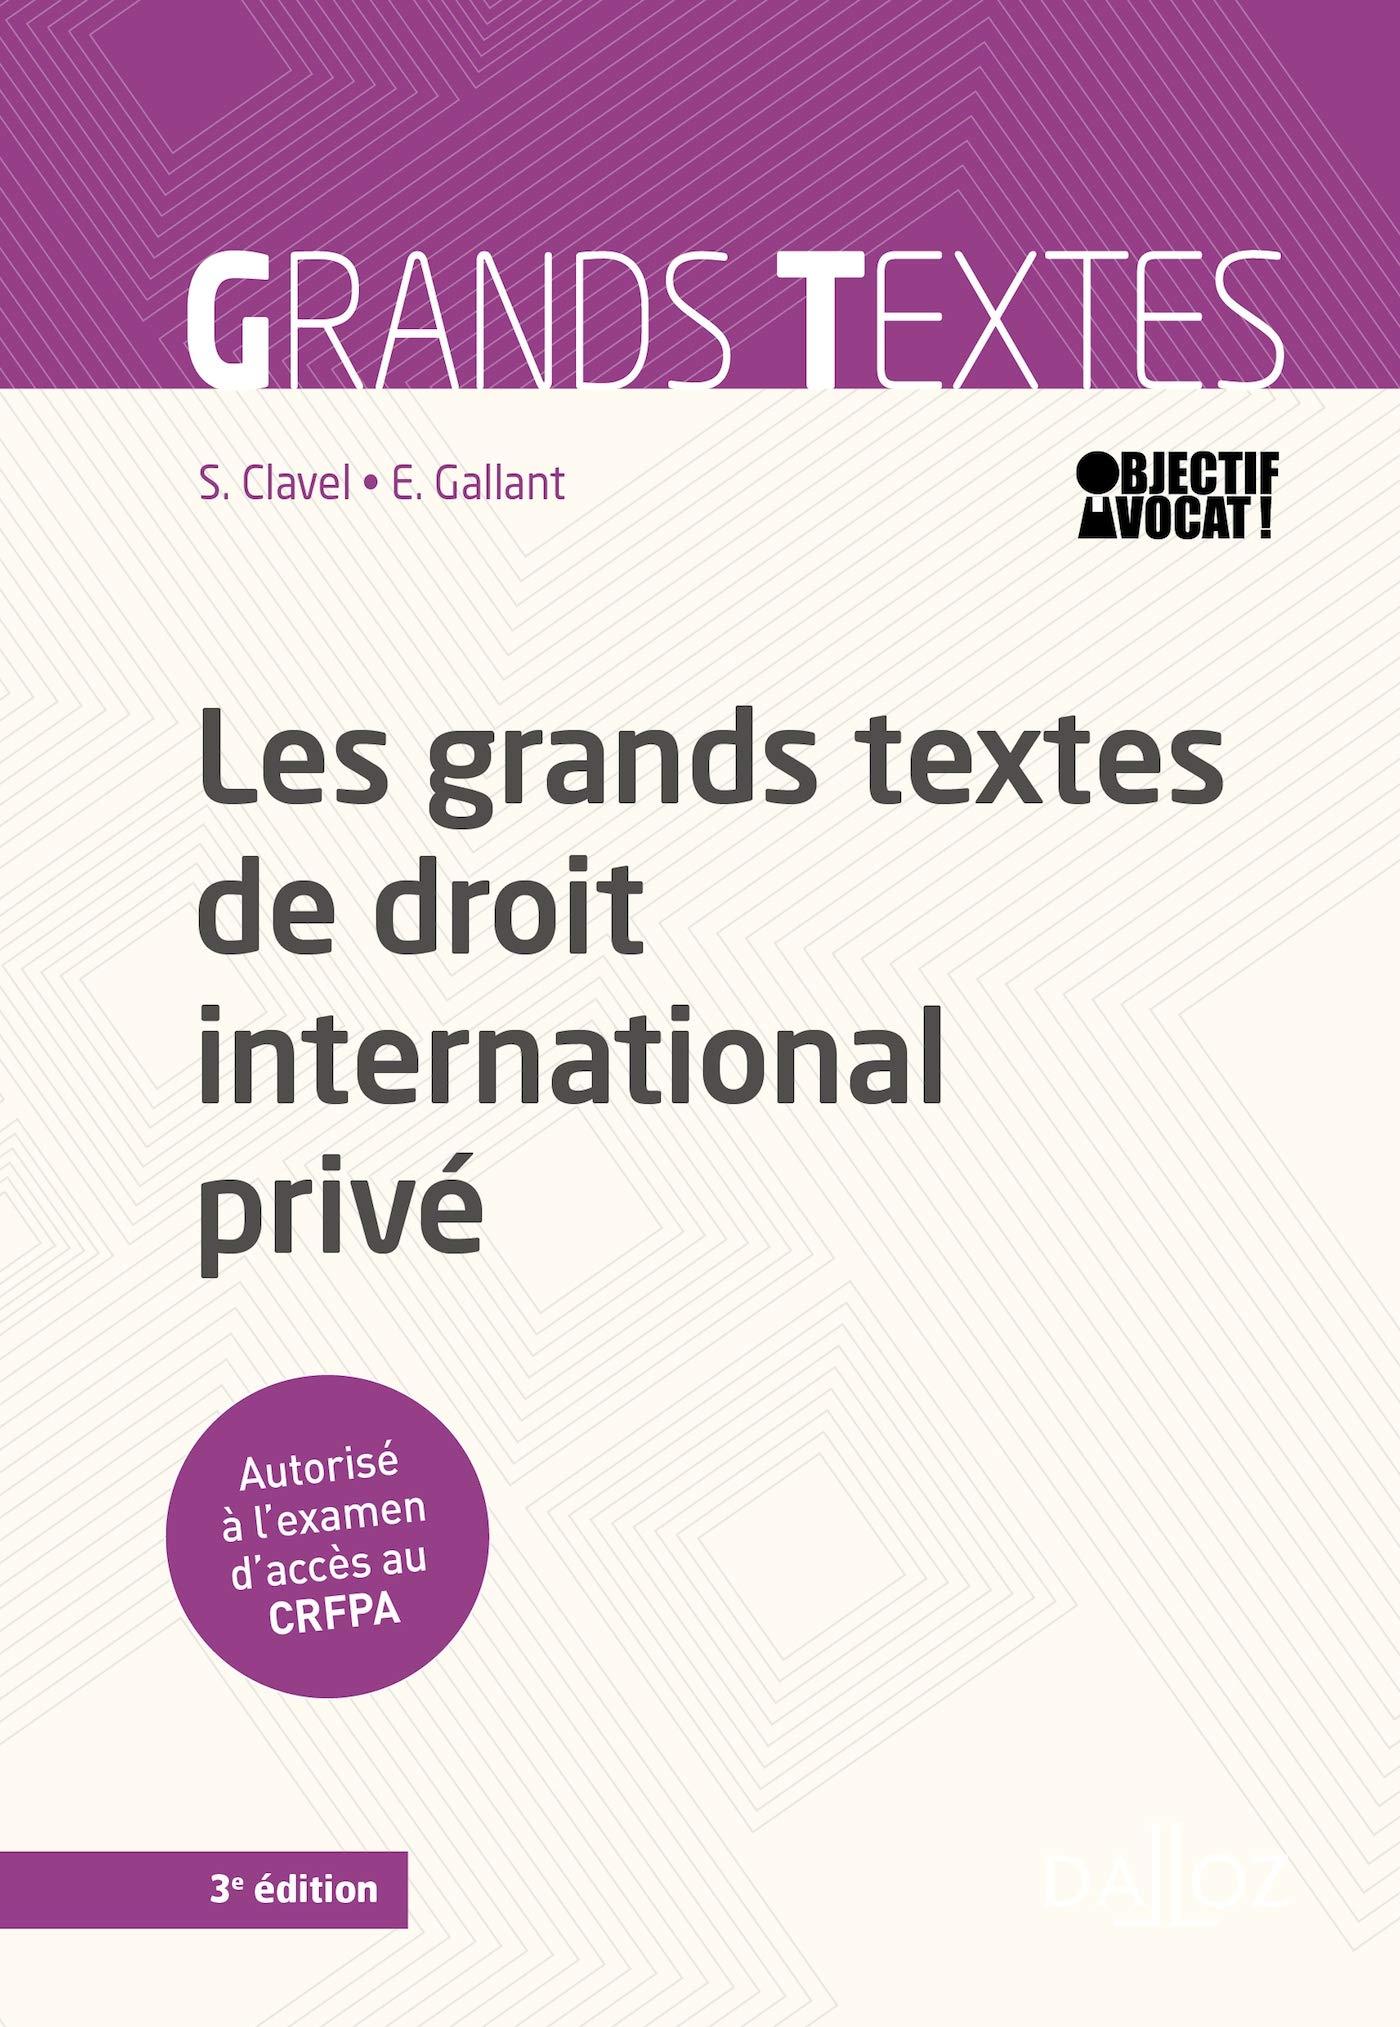 Les grands textes de droit international privé - 3e éd.